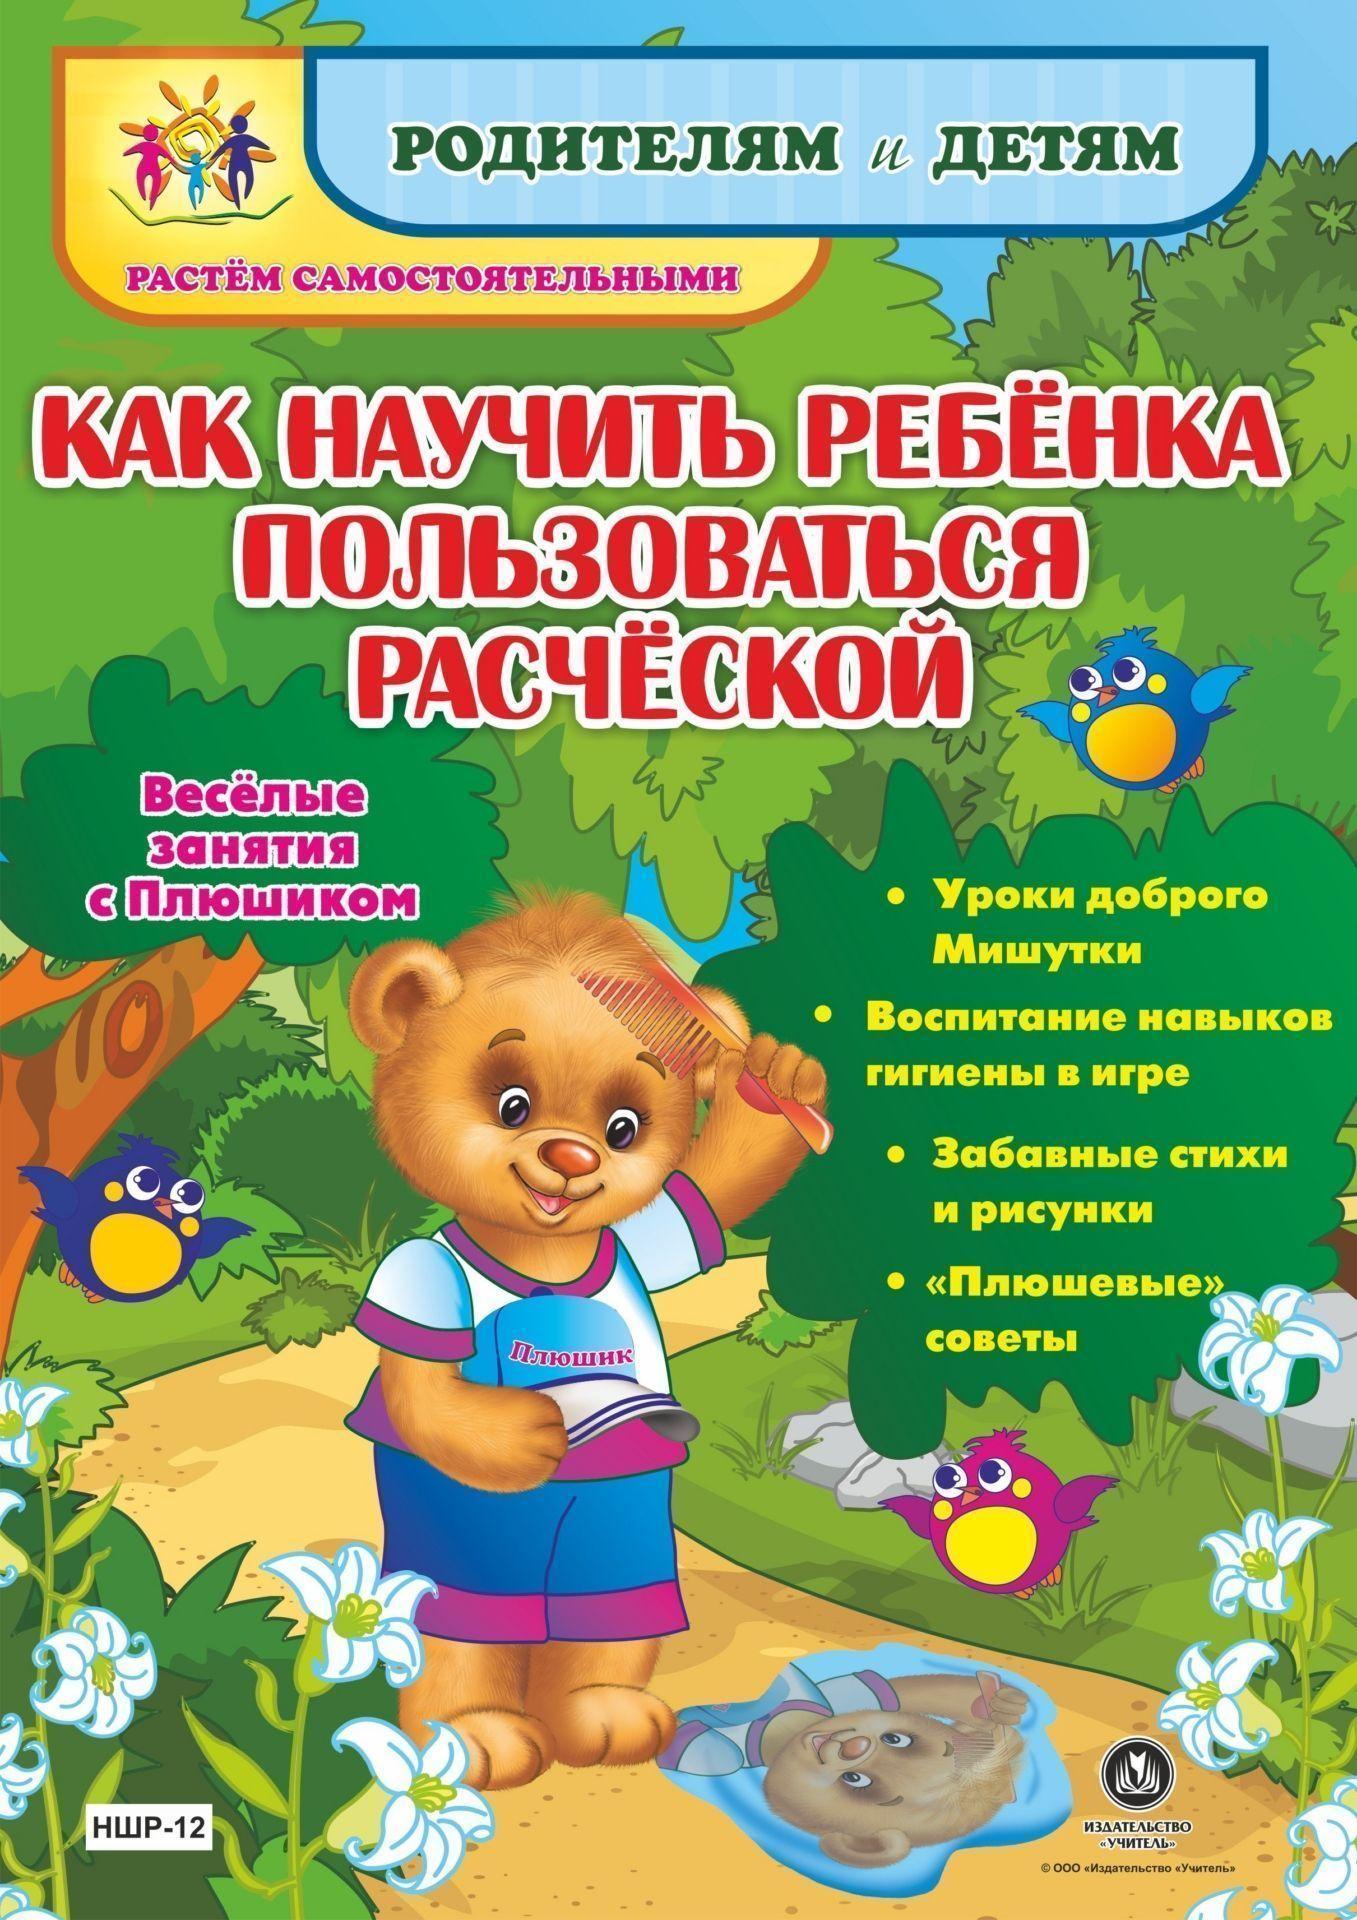 """Как научить ребенка пользоваться расческой. Веселые занятия с Плюшиком: уроки доброго Мишутки, воспитание навыков гигиены в игре, забавные стихи и рисунки, """"плюшевые"""" советы"""